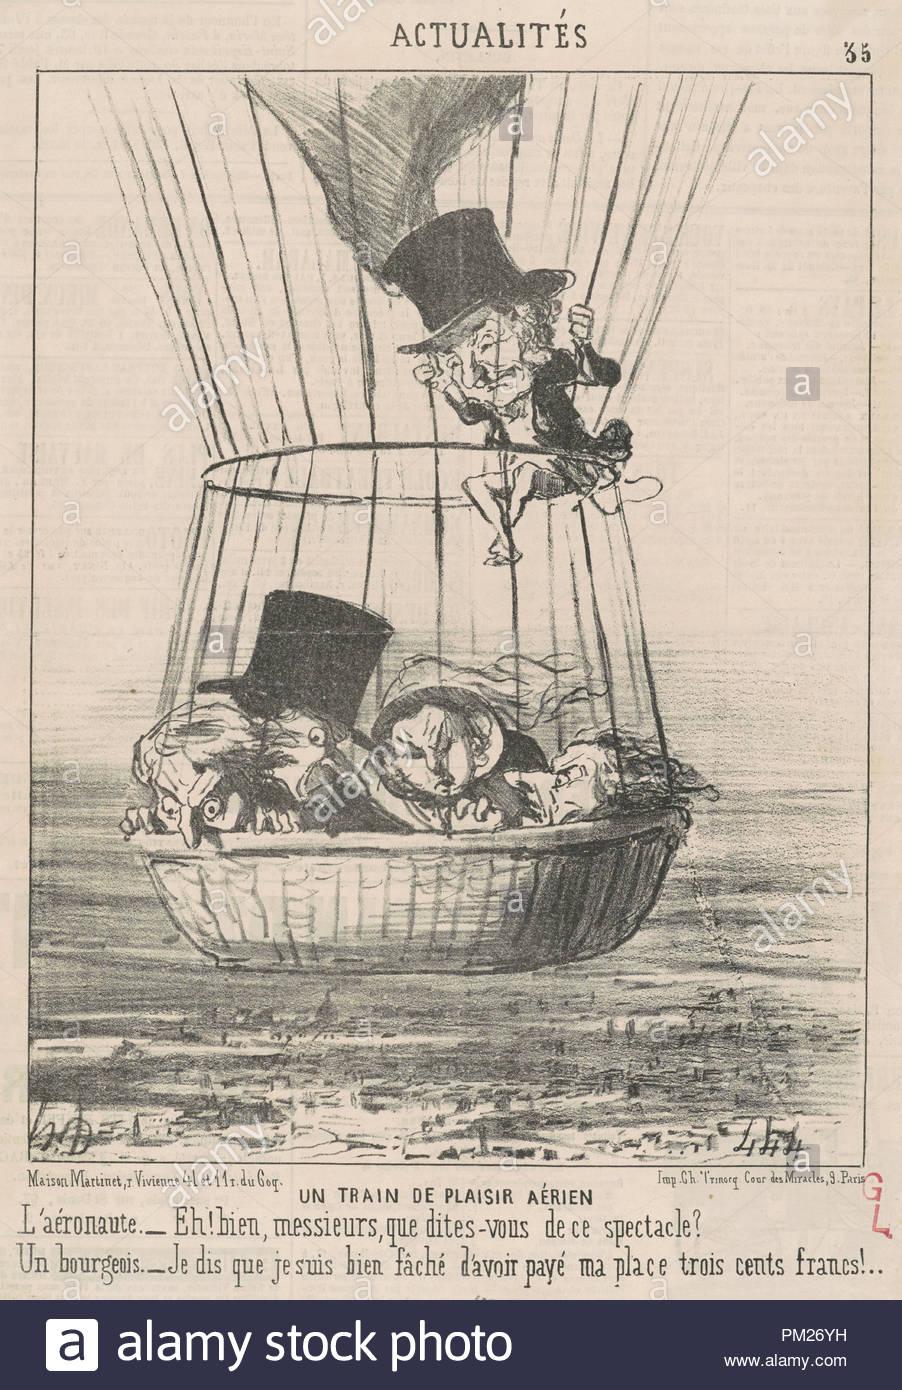 Un train de plaisir aérien. Dated: 19th century. Medium: lithograph. Museum: National Gallery of Art, Washington DC. Author: HONORÉ DAUMIER. - Stock Image